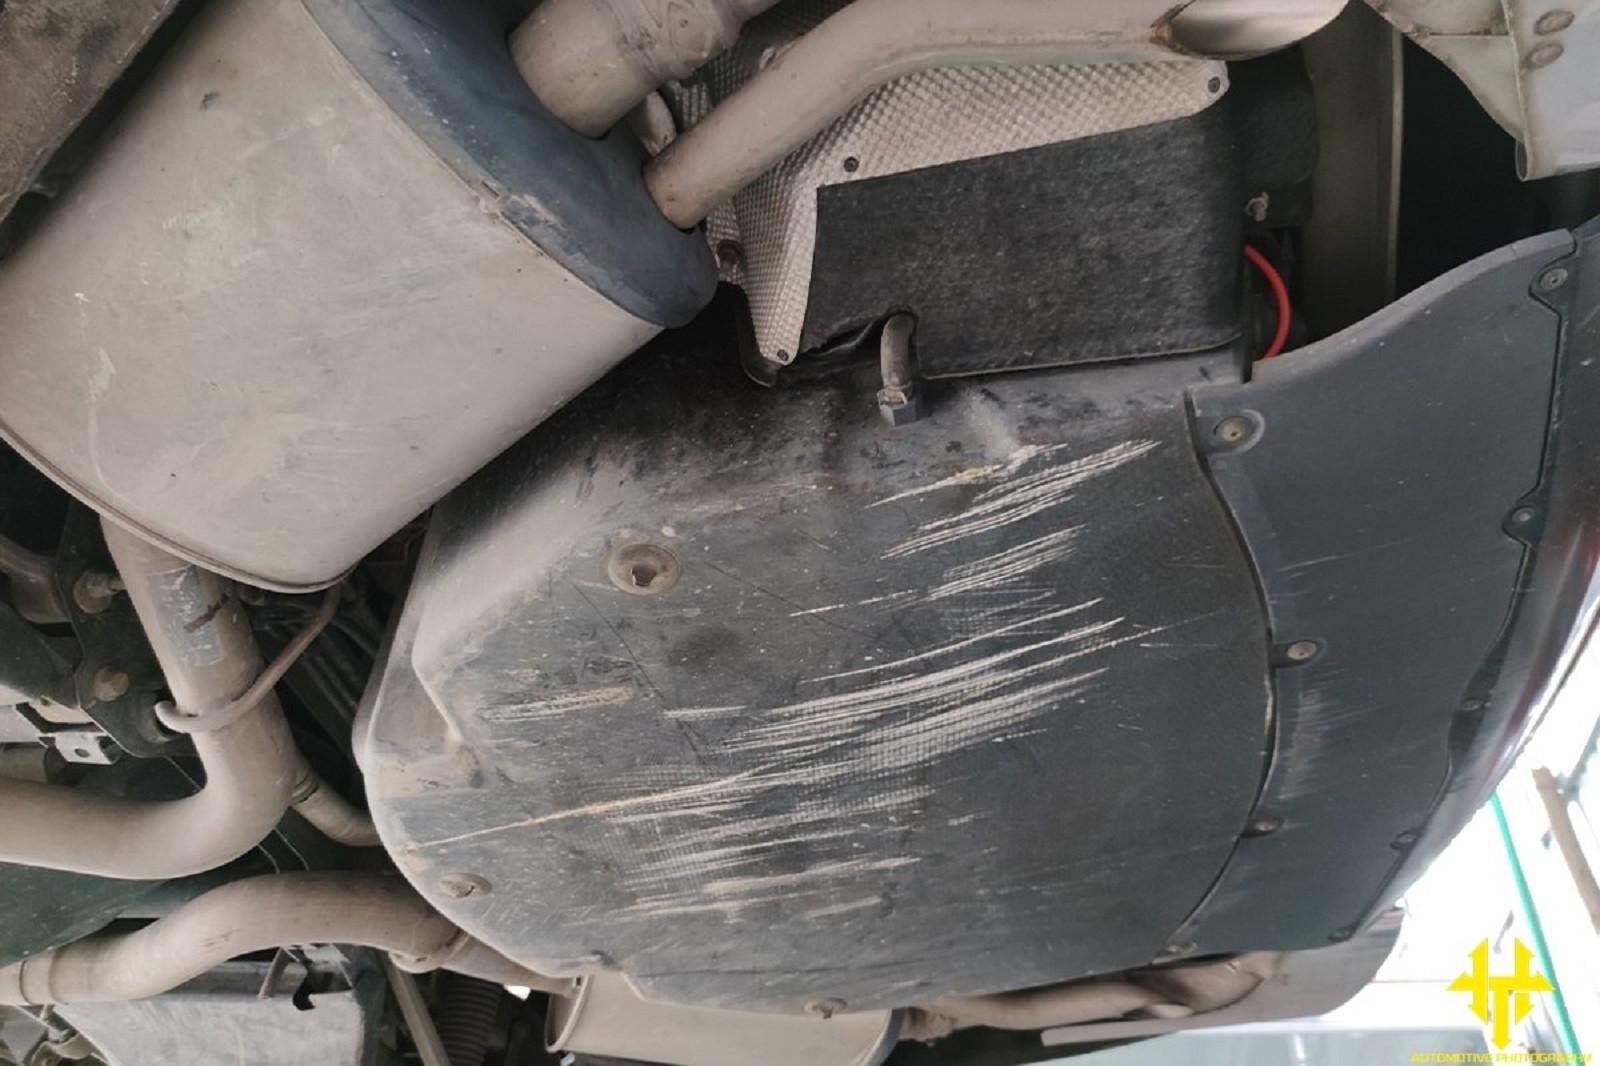 xe ô tô bị cạ gầm